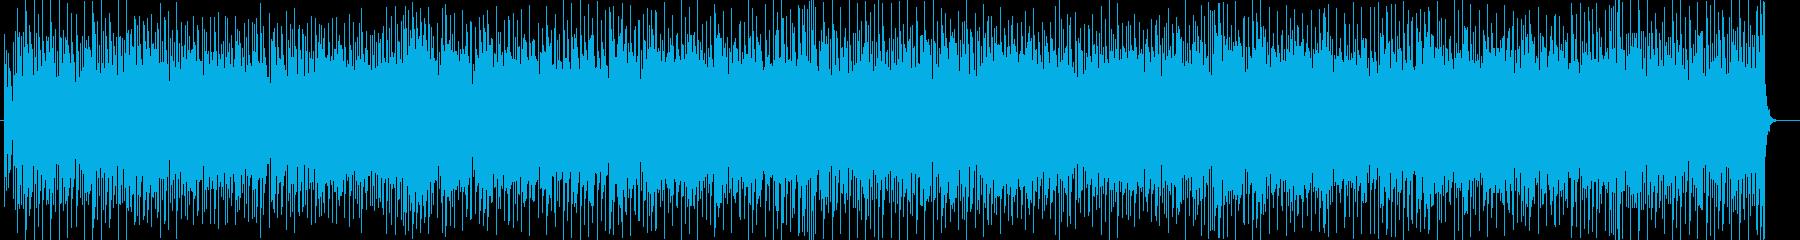 明るくも少し切ないエレポップチューンの再生済みの波形